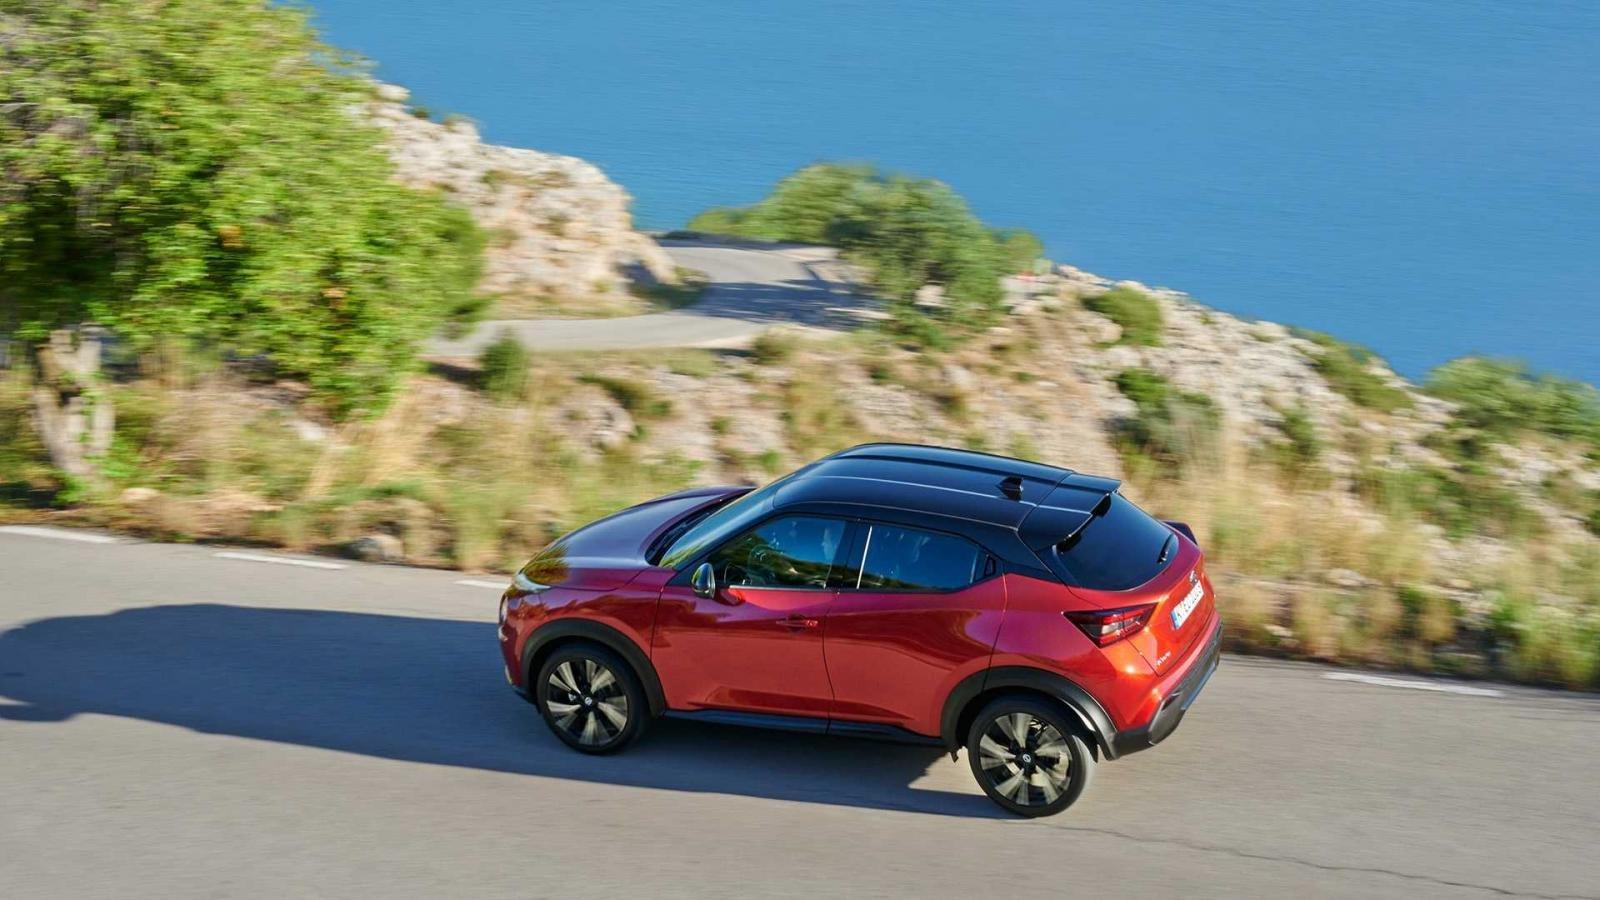 Đánh giá xe Nissan Juke 2020 về trang bị an toàn.